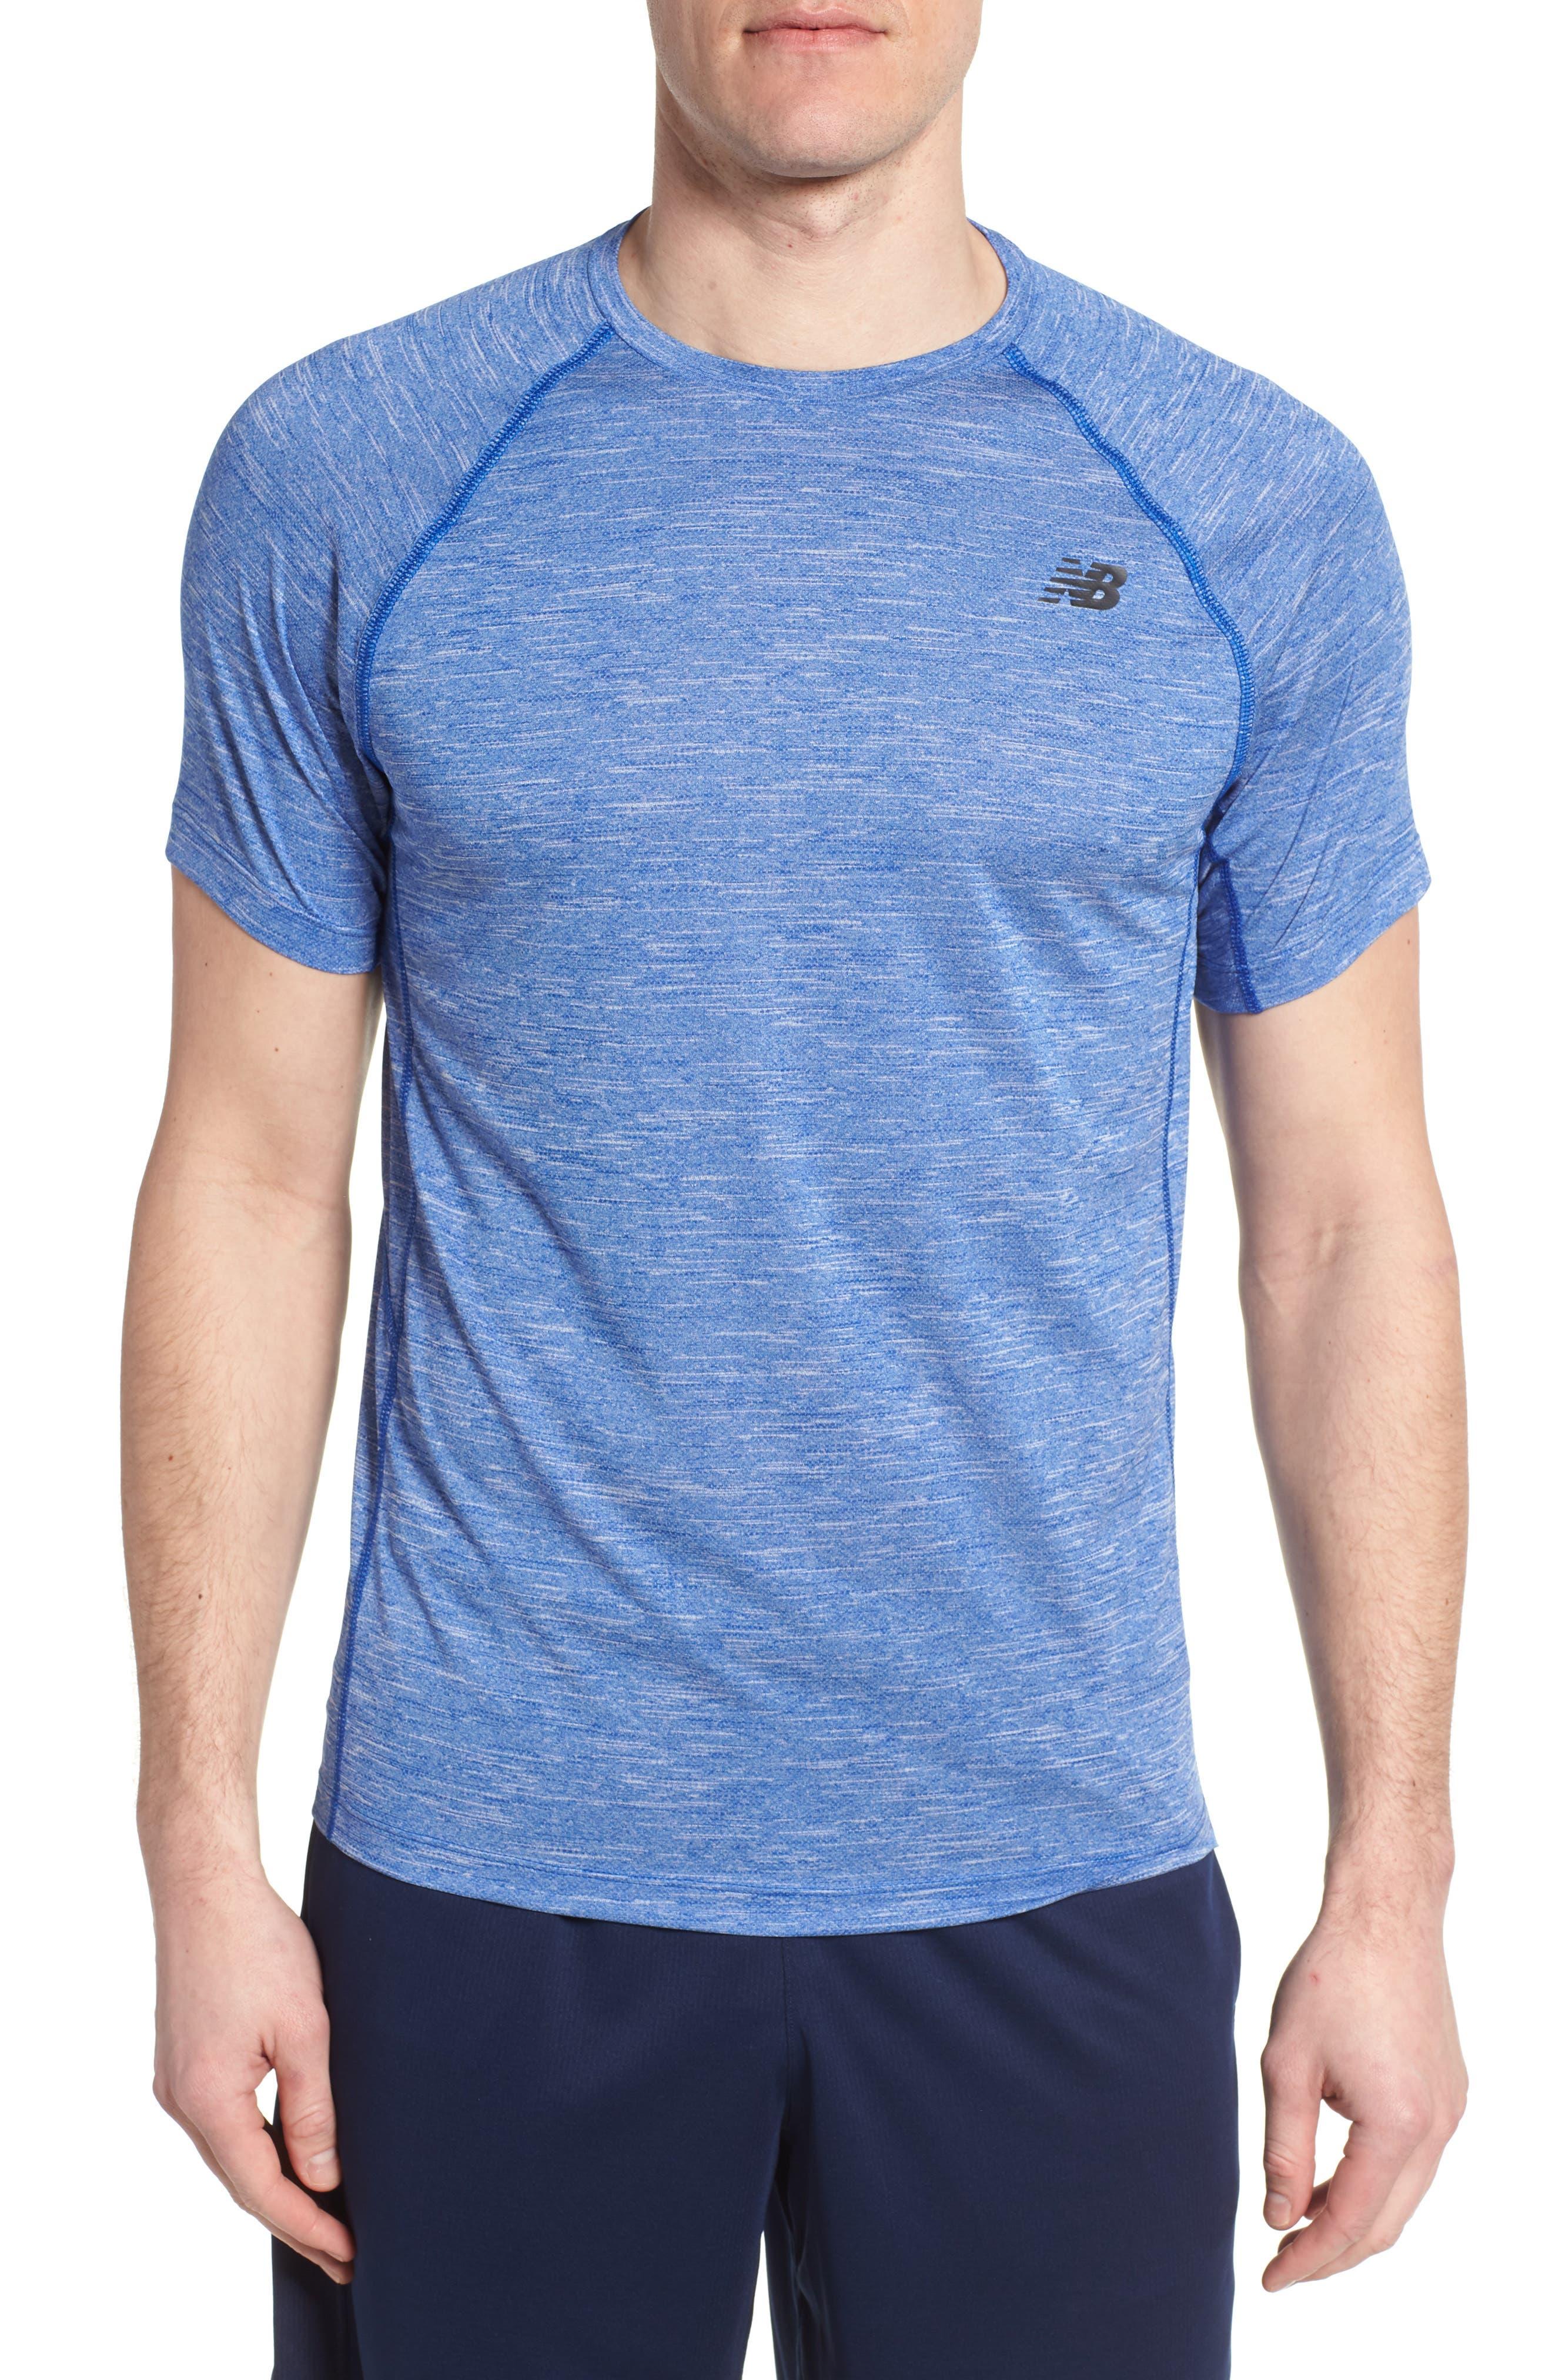 Tenacity Crewneck T-Shirt,                             Main thumbnail 1, color,                             Team Royal